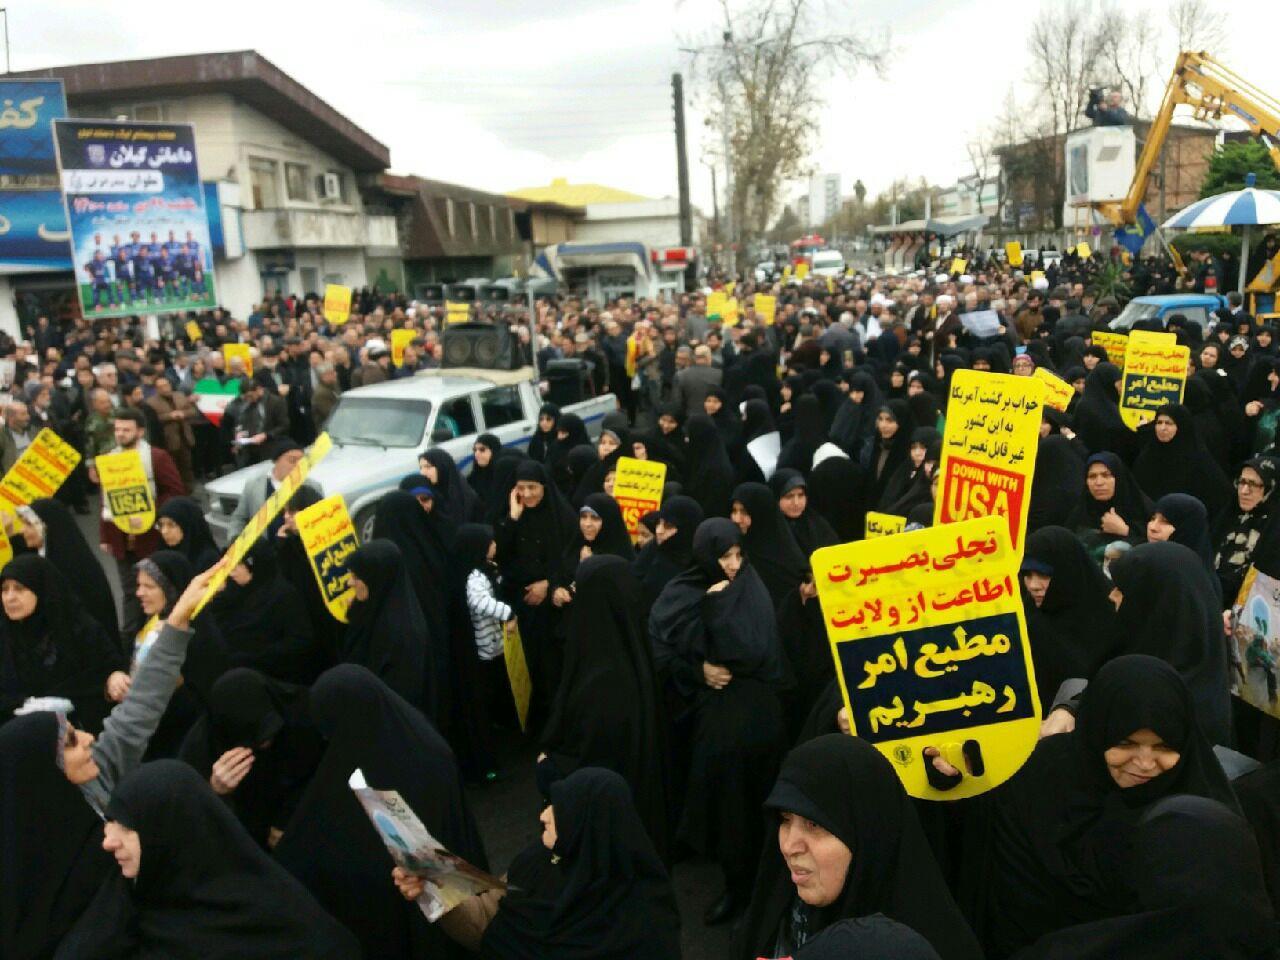 حضور پر شور مردم رشت در راهپیمایی حمایت از سپاه پاسداران انقلاب اسلامی